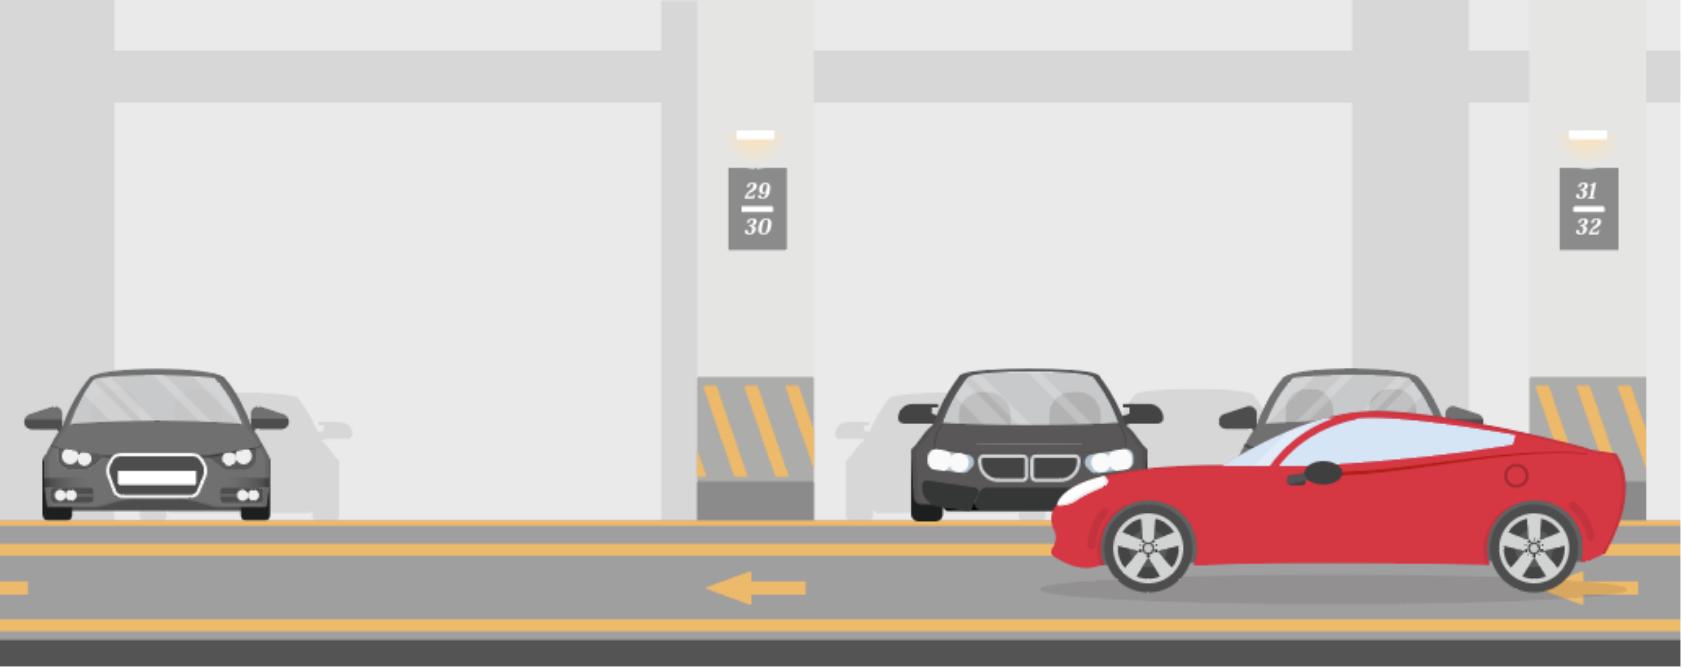 リアルタイムで駐車場の空室情報を見える化 駐車場searching